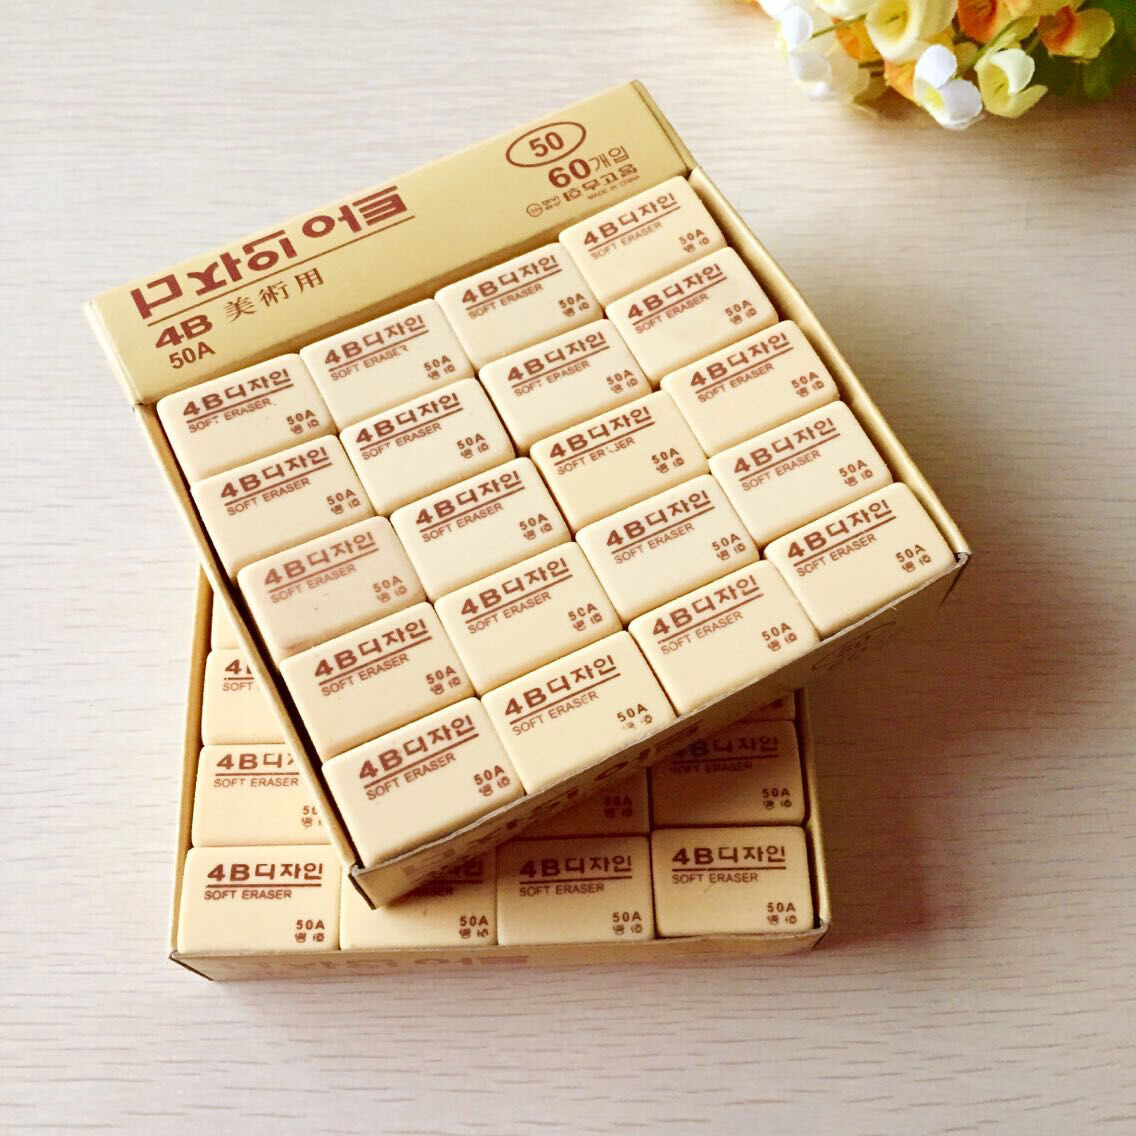 特价 韩国儿童文具用品创意学生4B橡皮擦50A儿童小橡皮橡皮檫批发